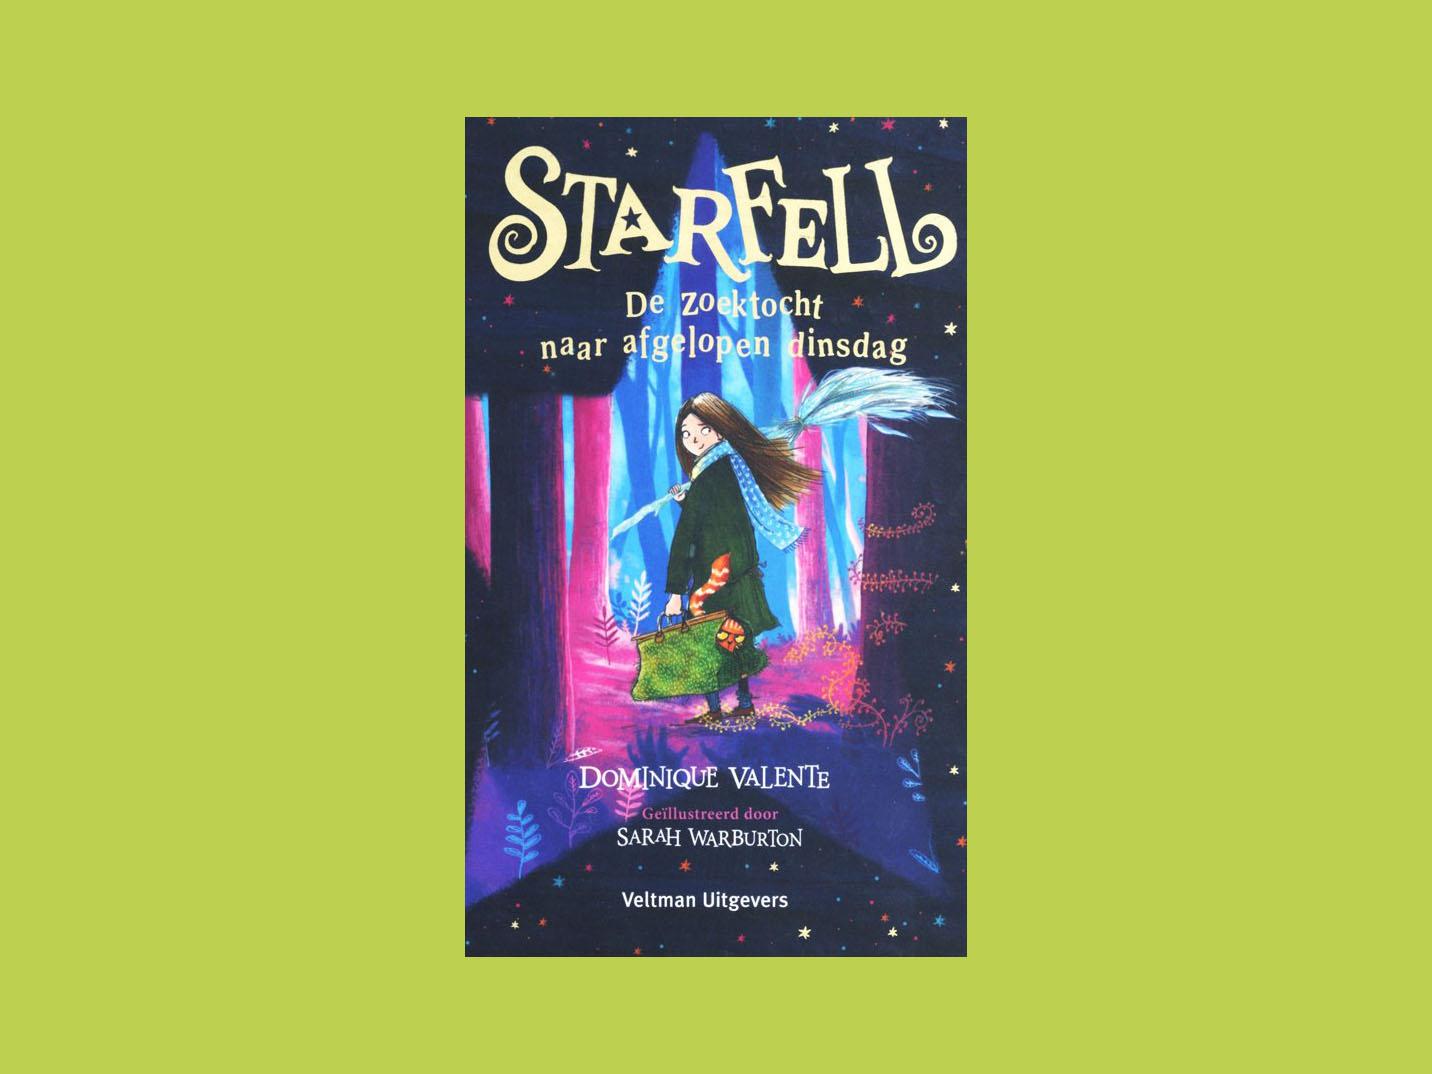 Boekbespreking Starfell De zoektocht naar afgelopen dinsdag